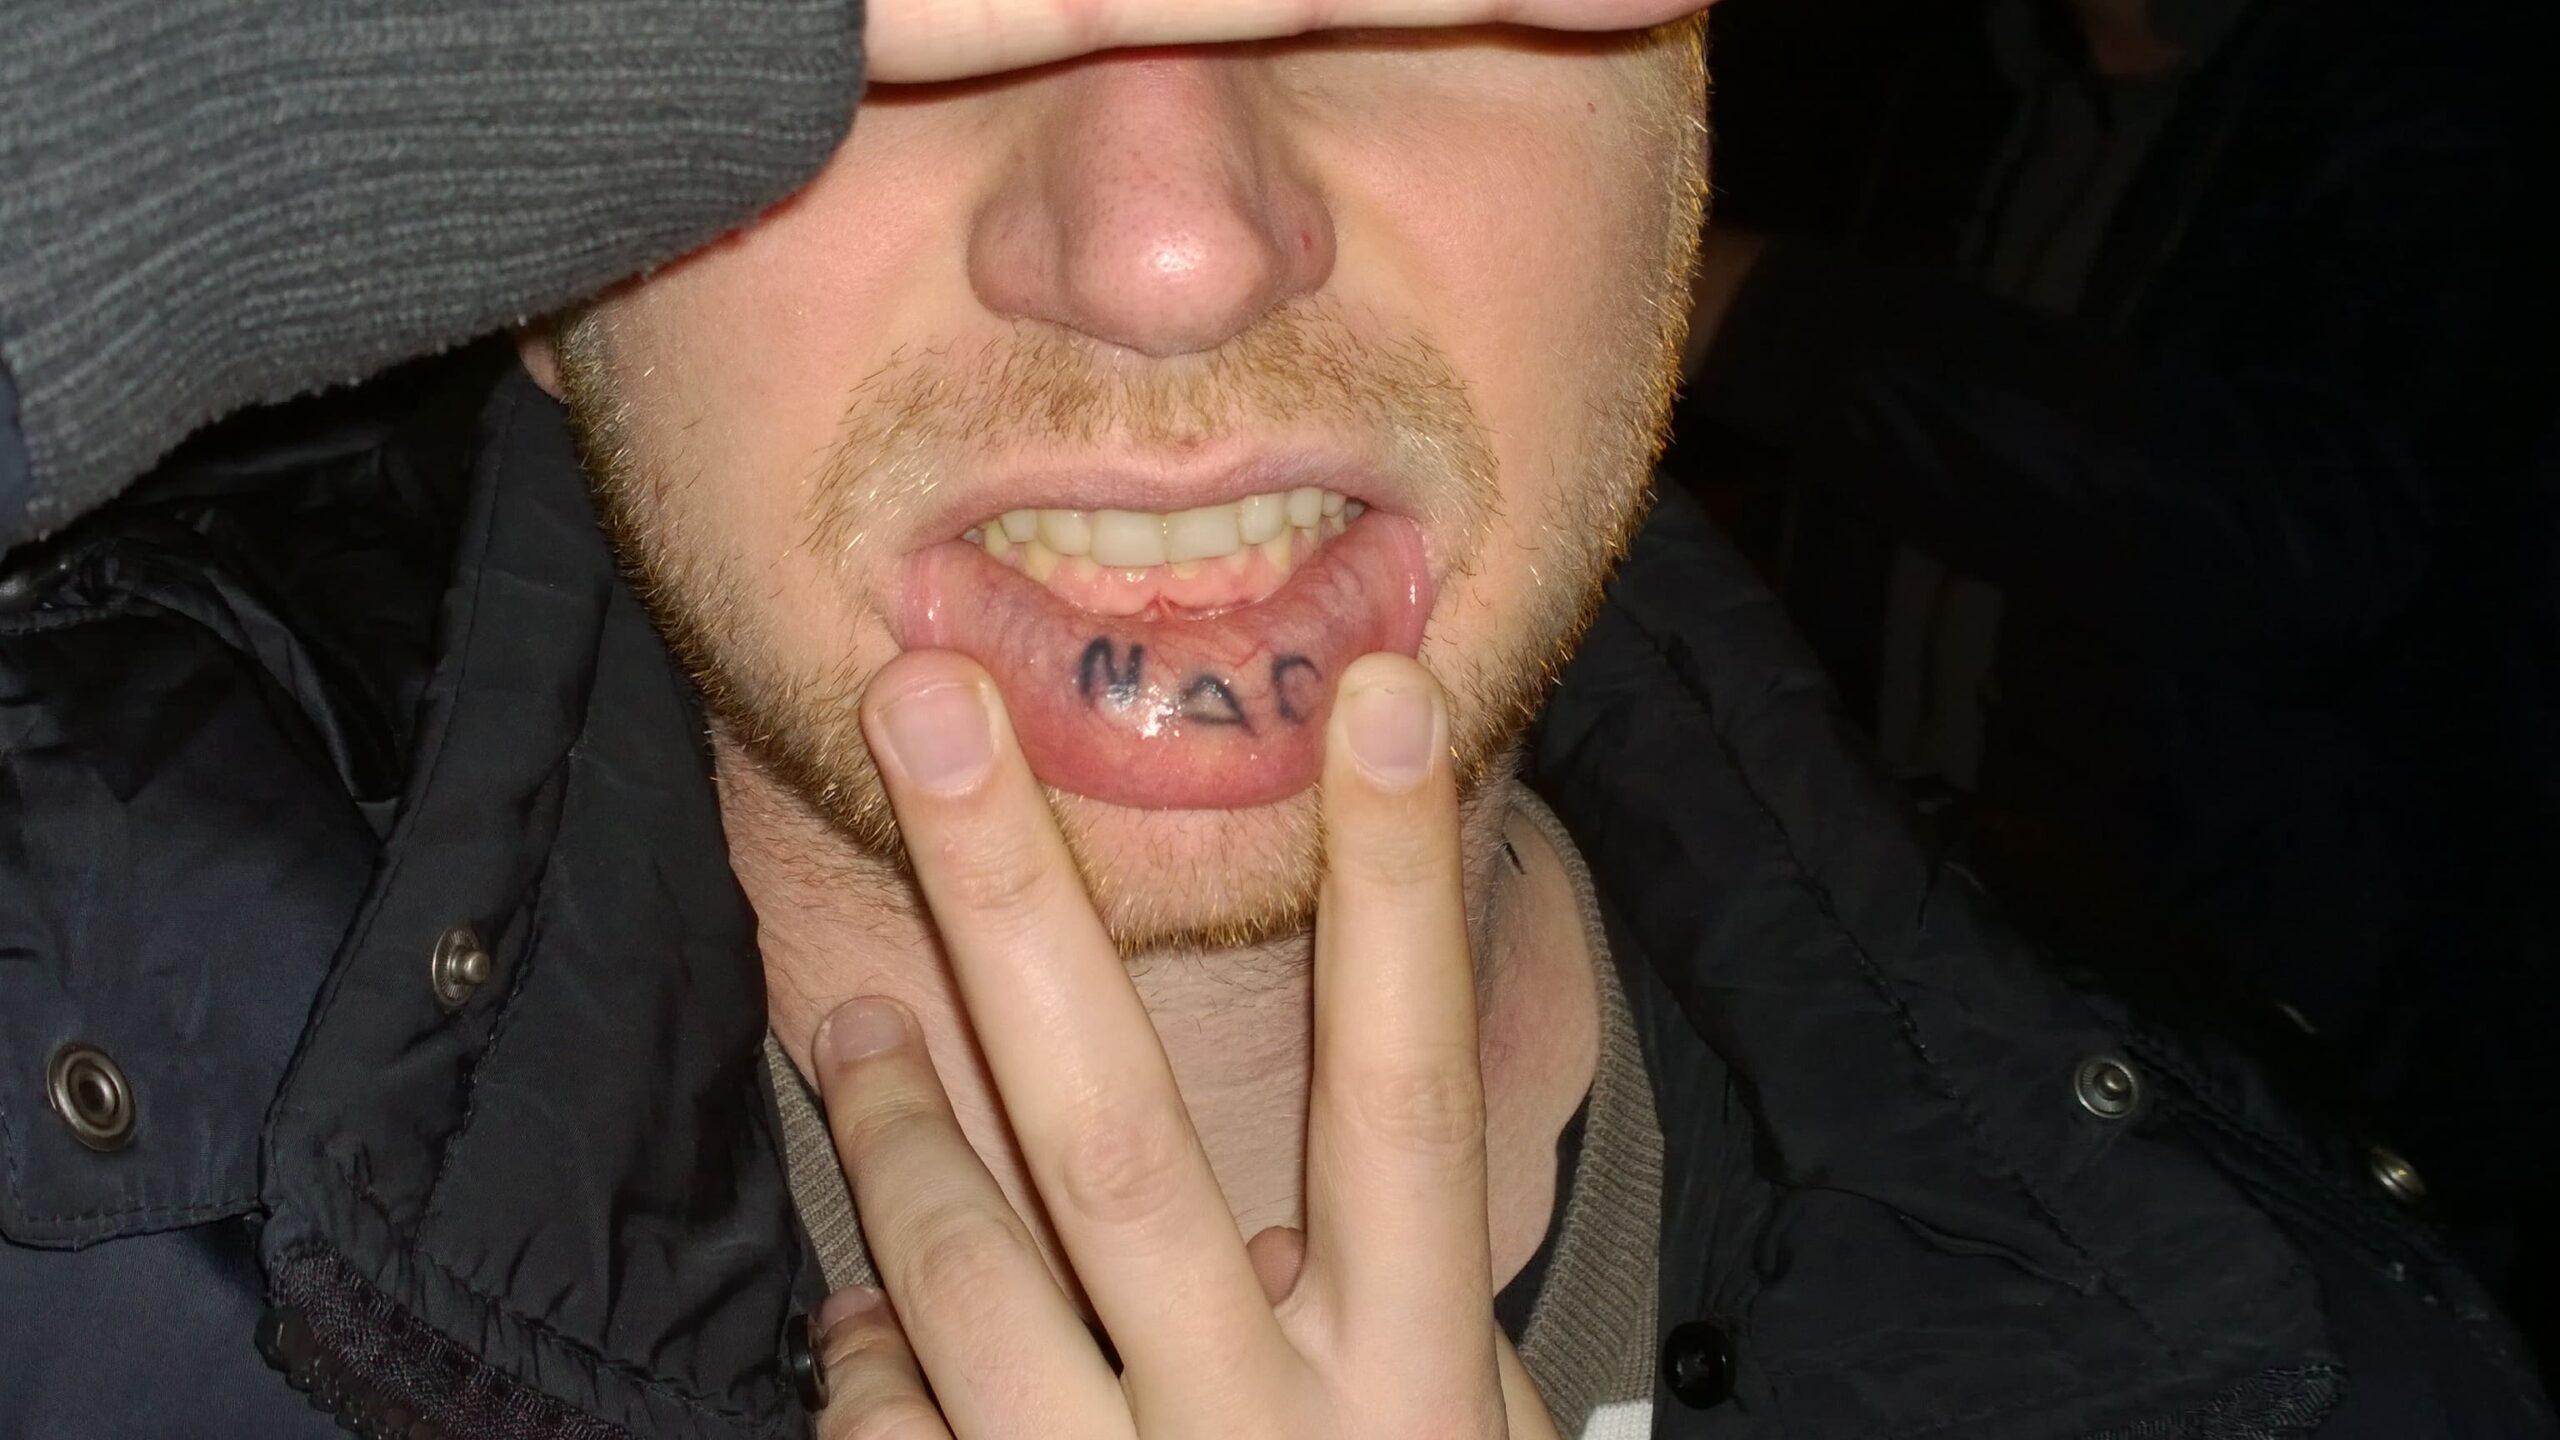 NAC Tattoo lip (2014)